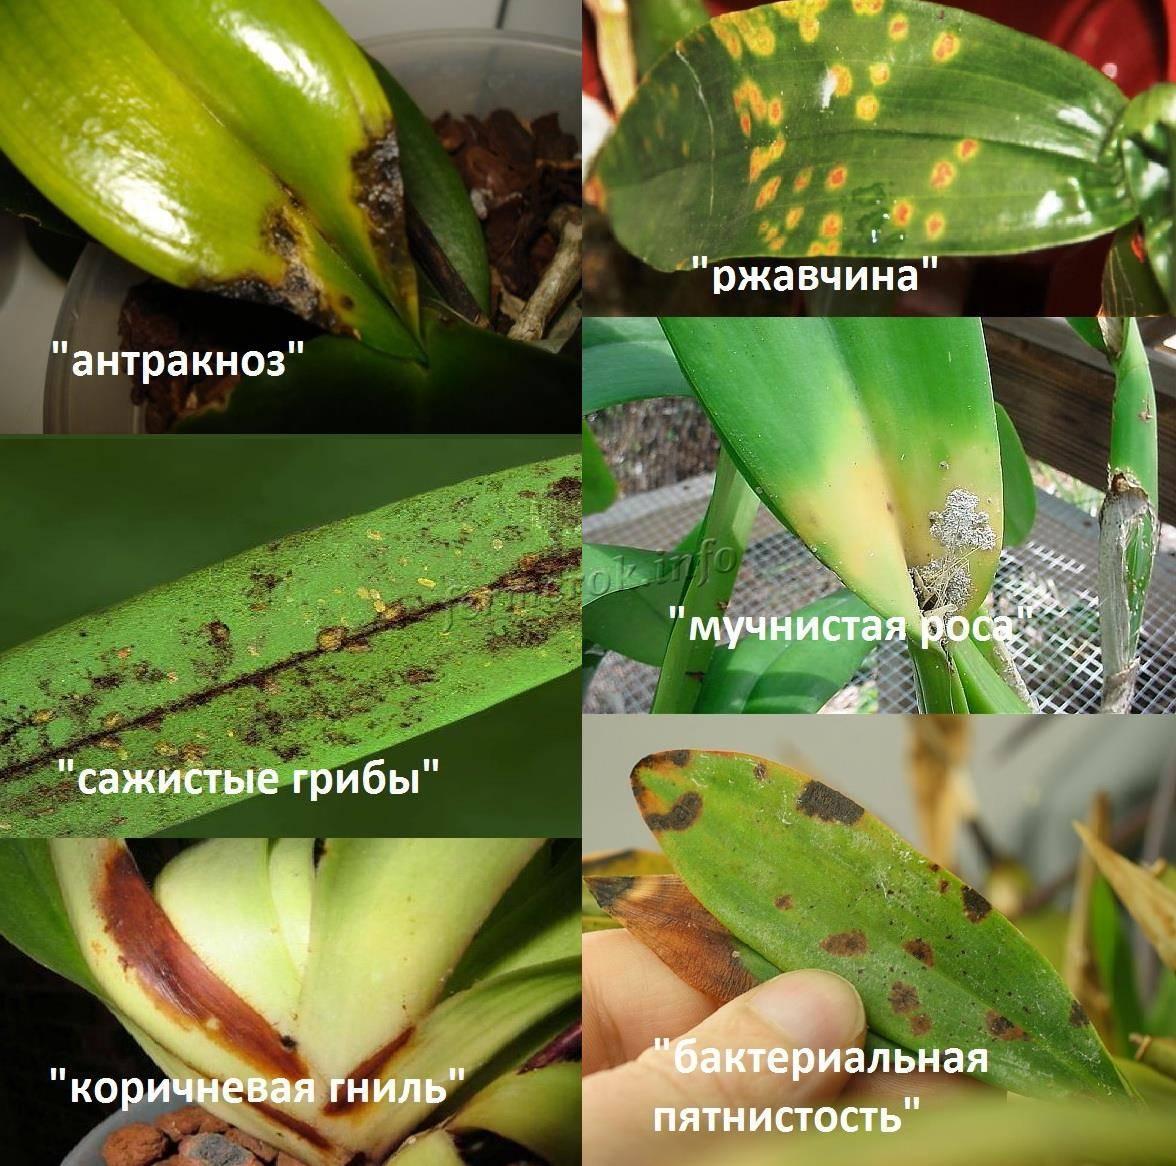 Причины желтых листьев у орхидей